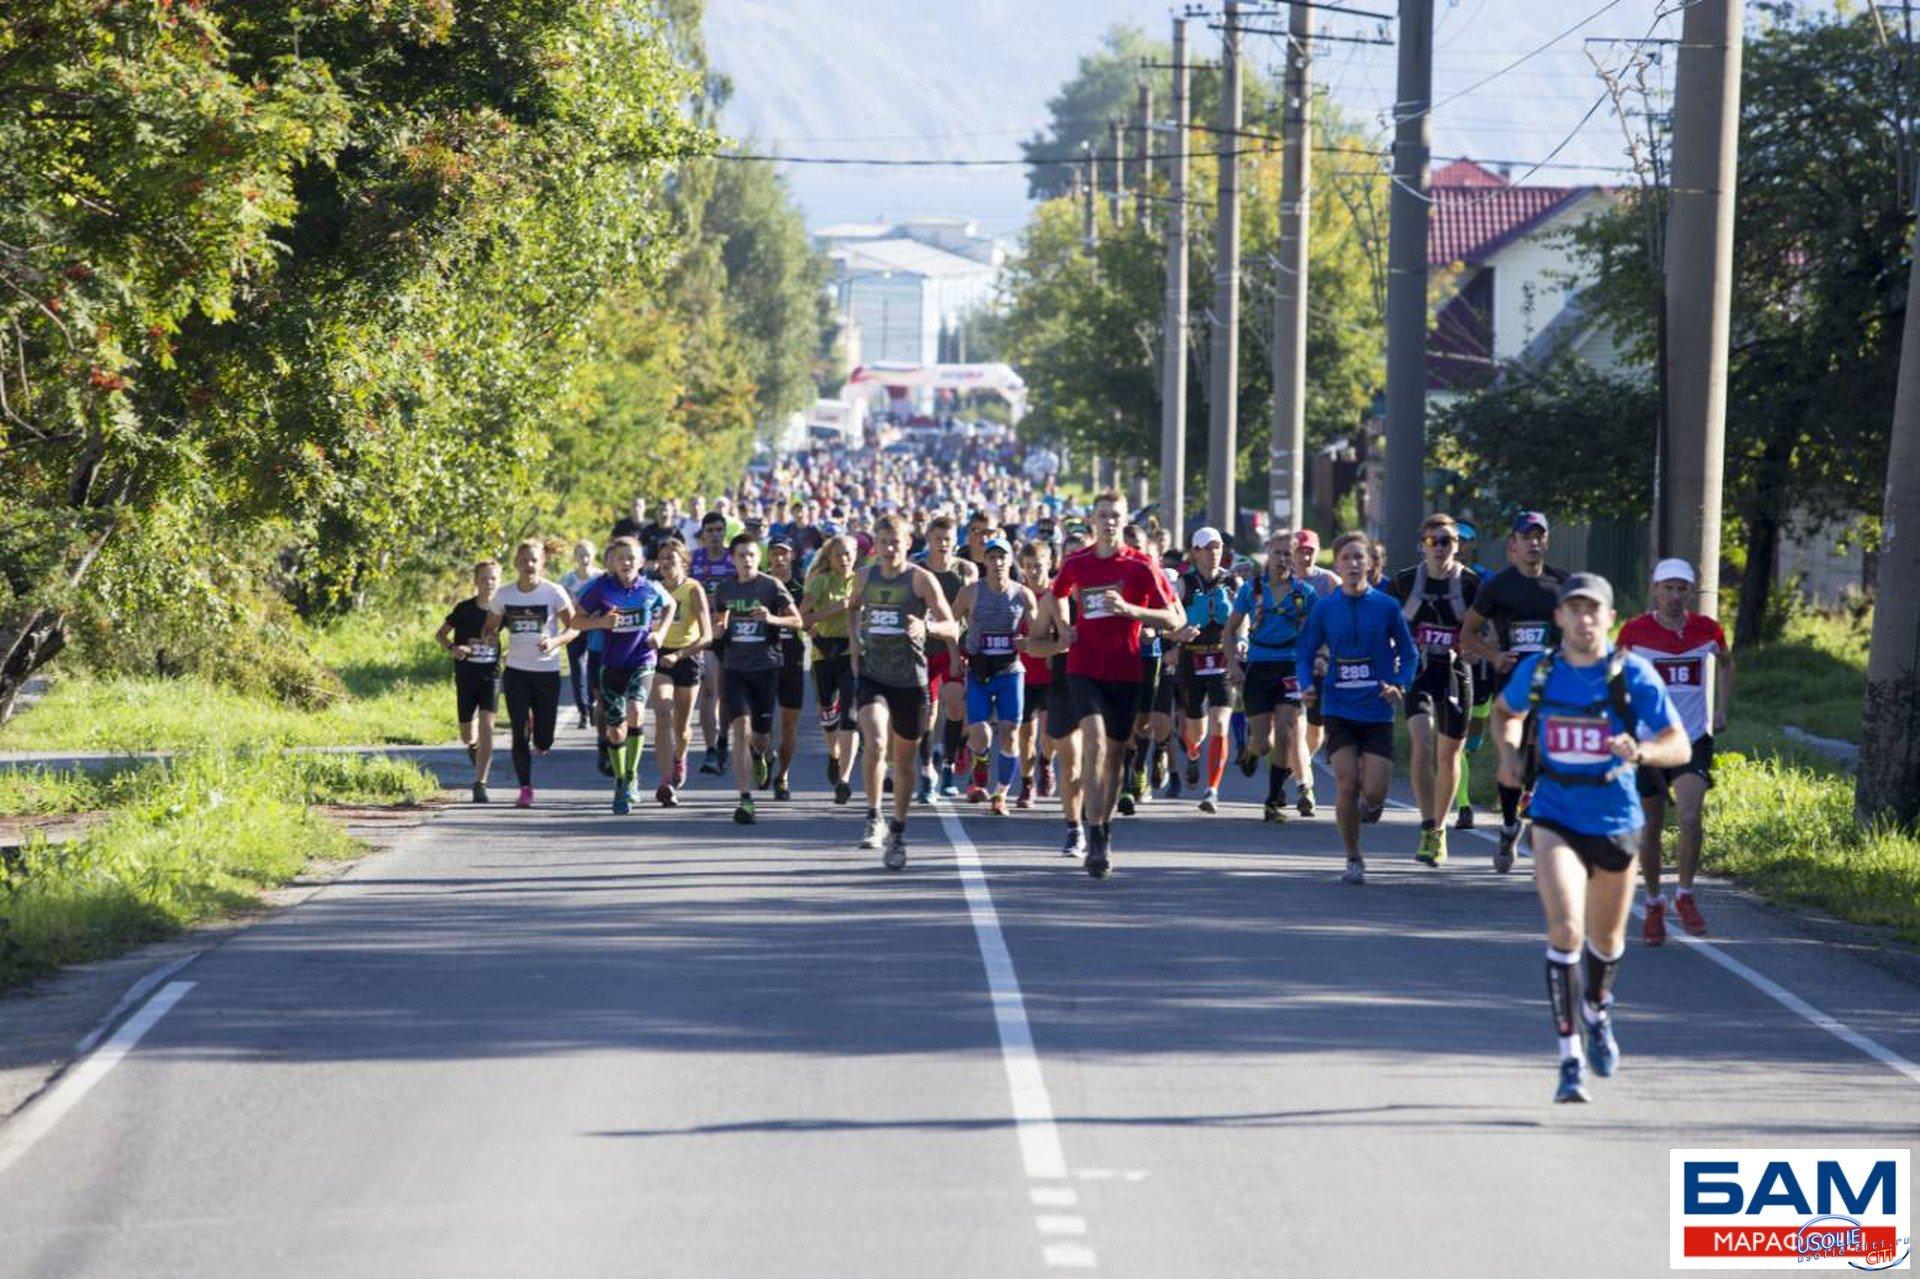 Отец и сын - усольчане Юрий и Кирилл Сурковы прославили Усолье на марафоне